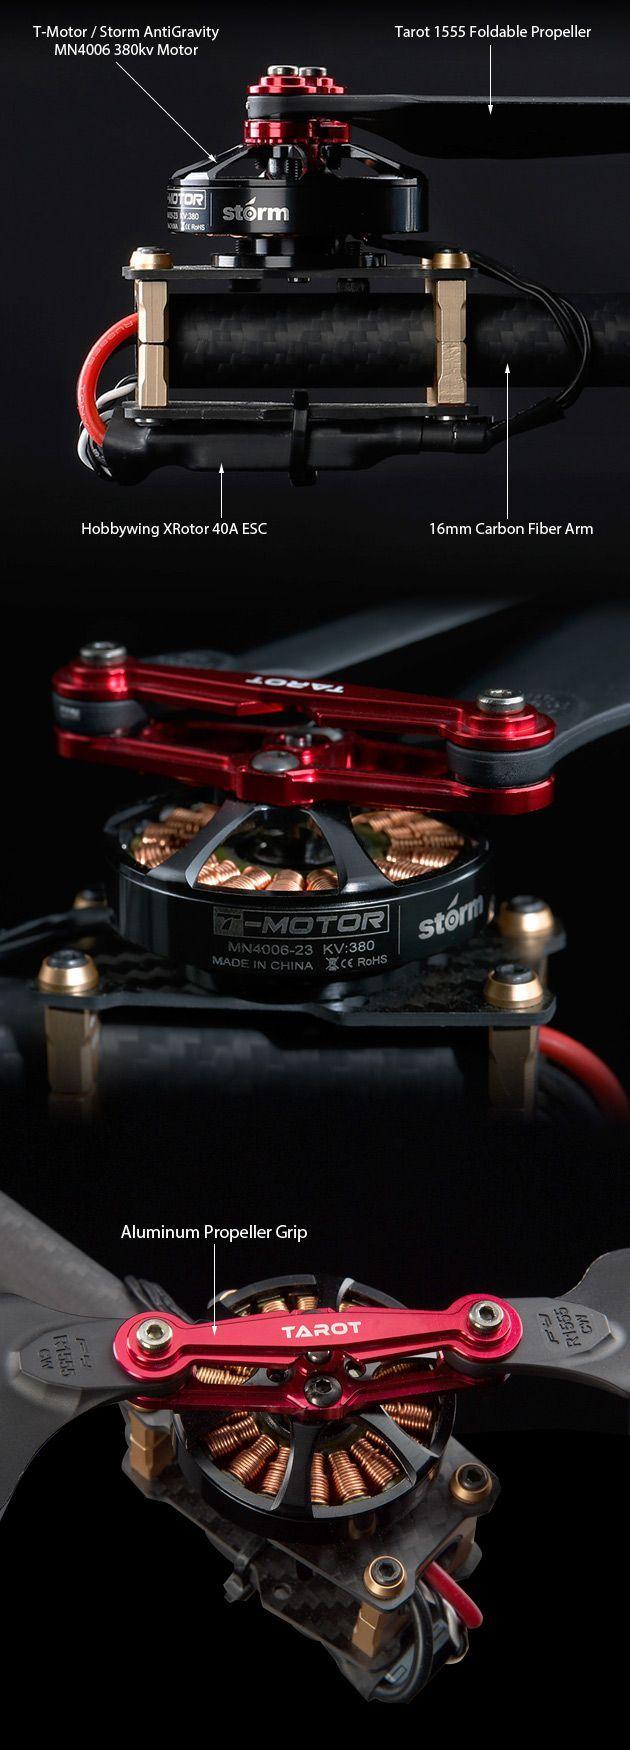 STORM Drone AntiGravity GPS Flying Platform (RTF / NAZA V2) - HeliPal